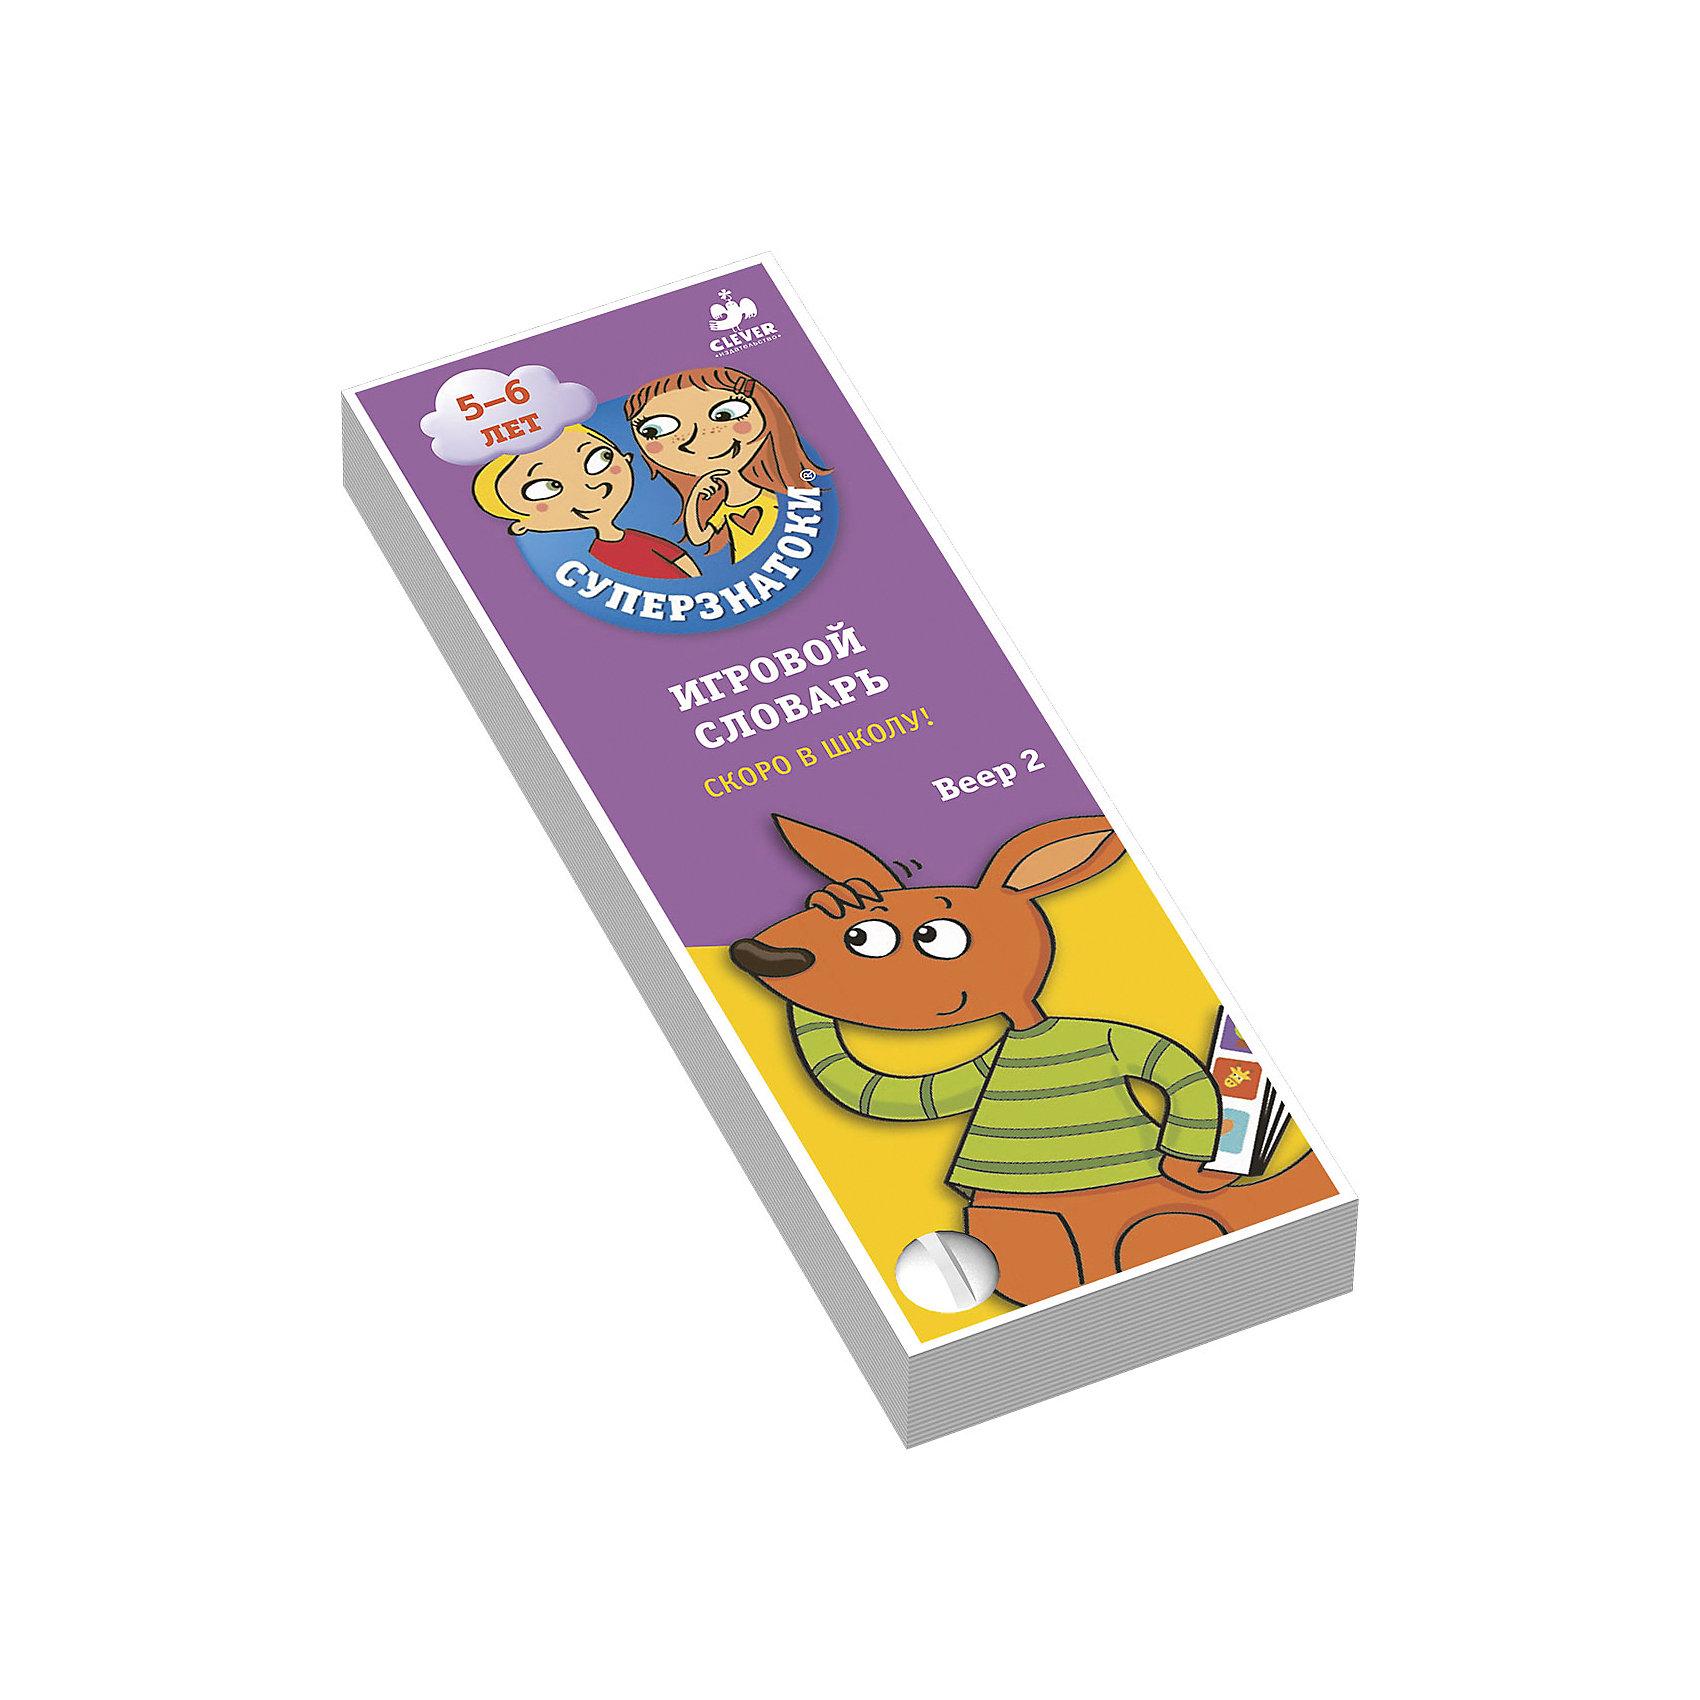 Clever Игровой словарь Веер 2, Суперзнатоки 5-6 лет, Скоро в школу! книги издательство clever моя большая книга игр